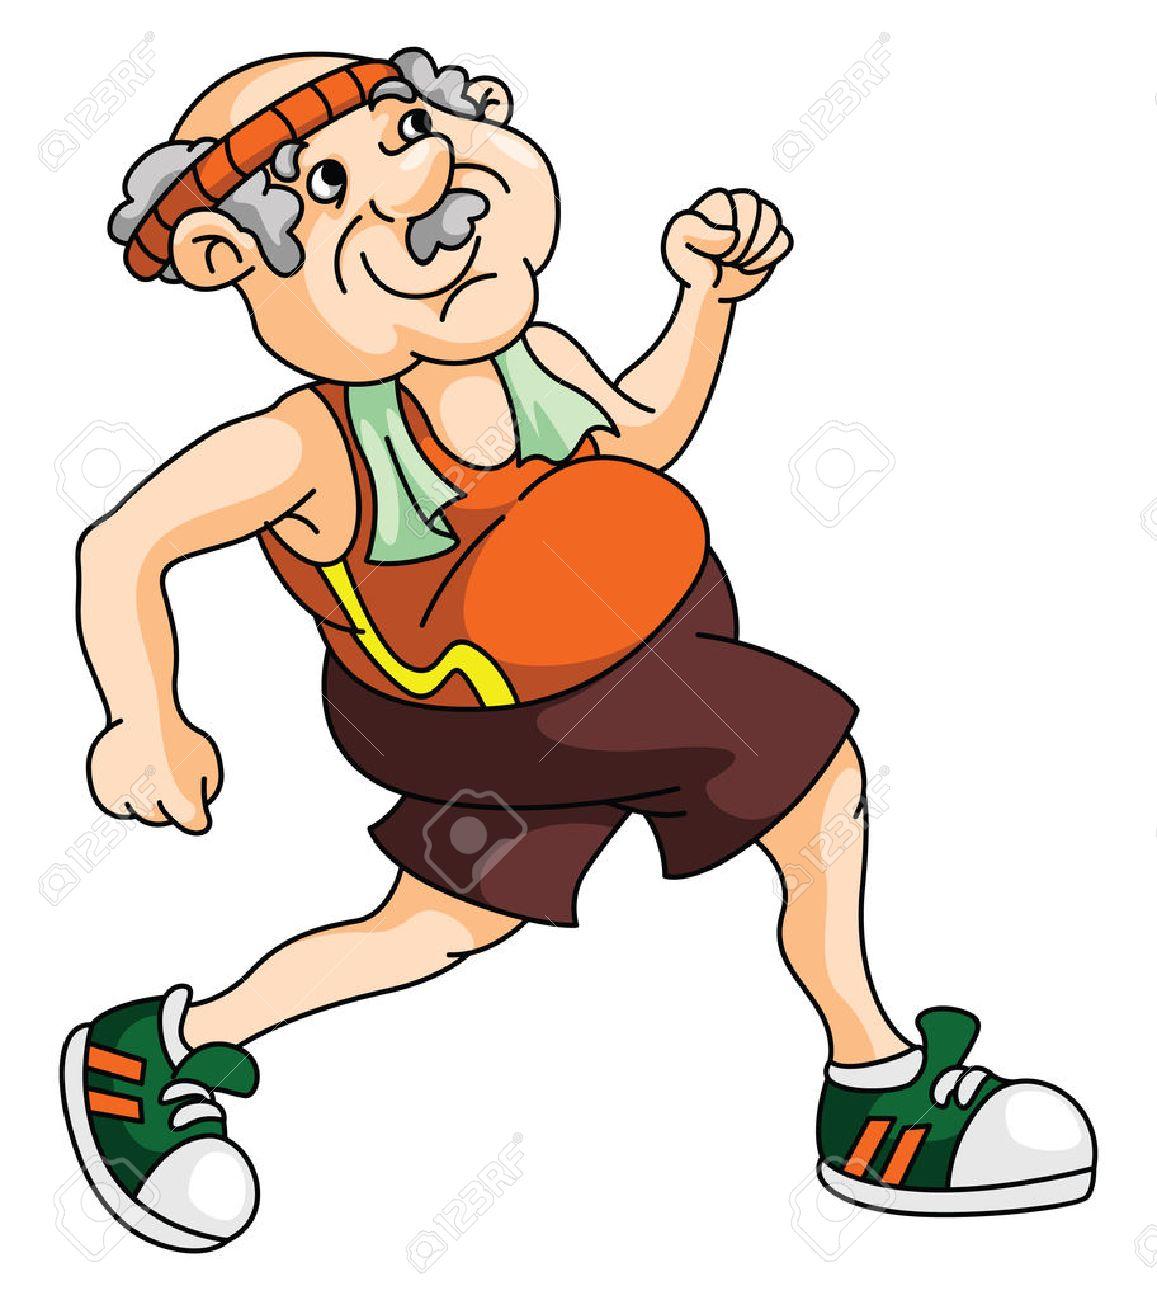 Old Man Running - 30822120